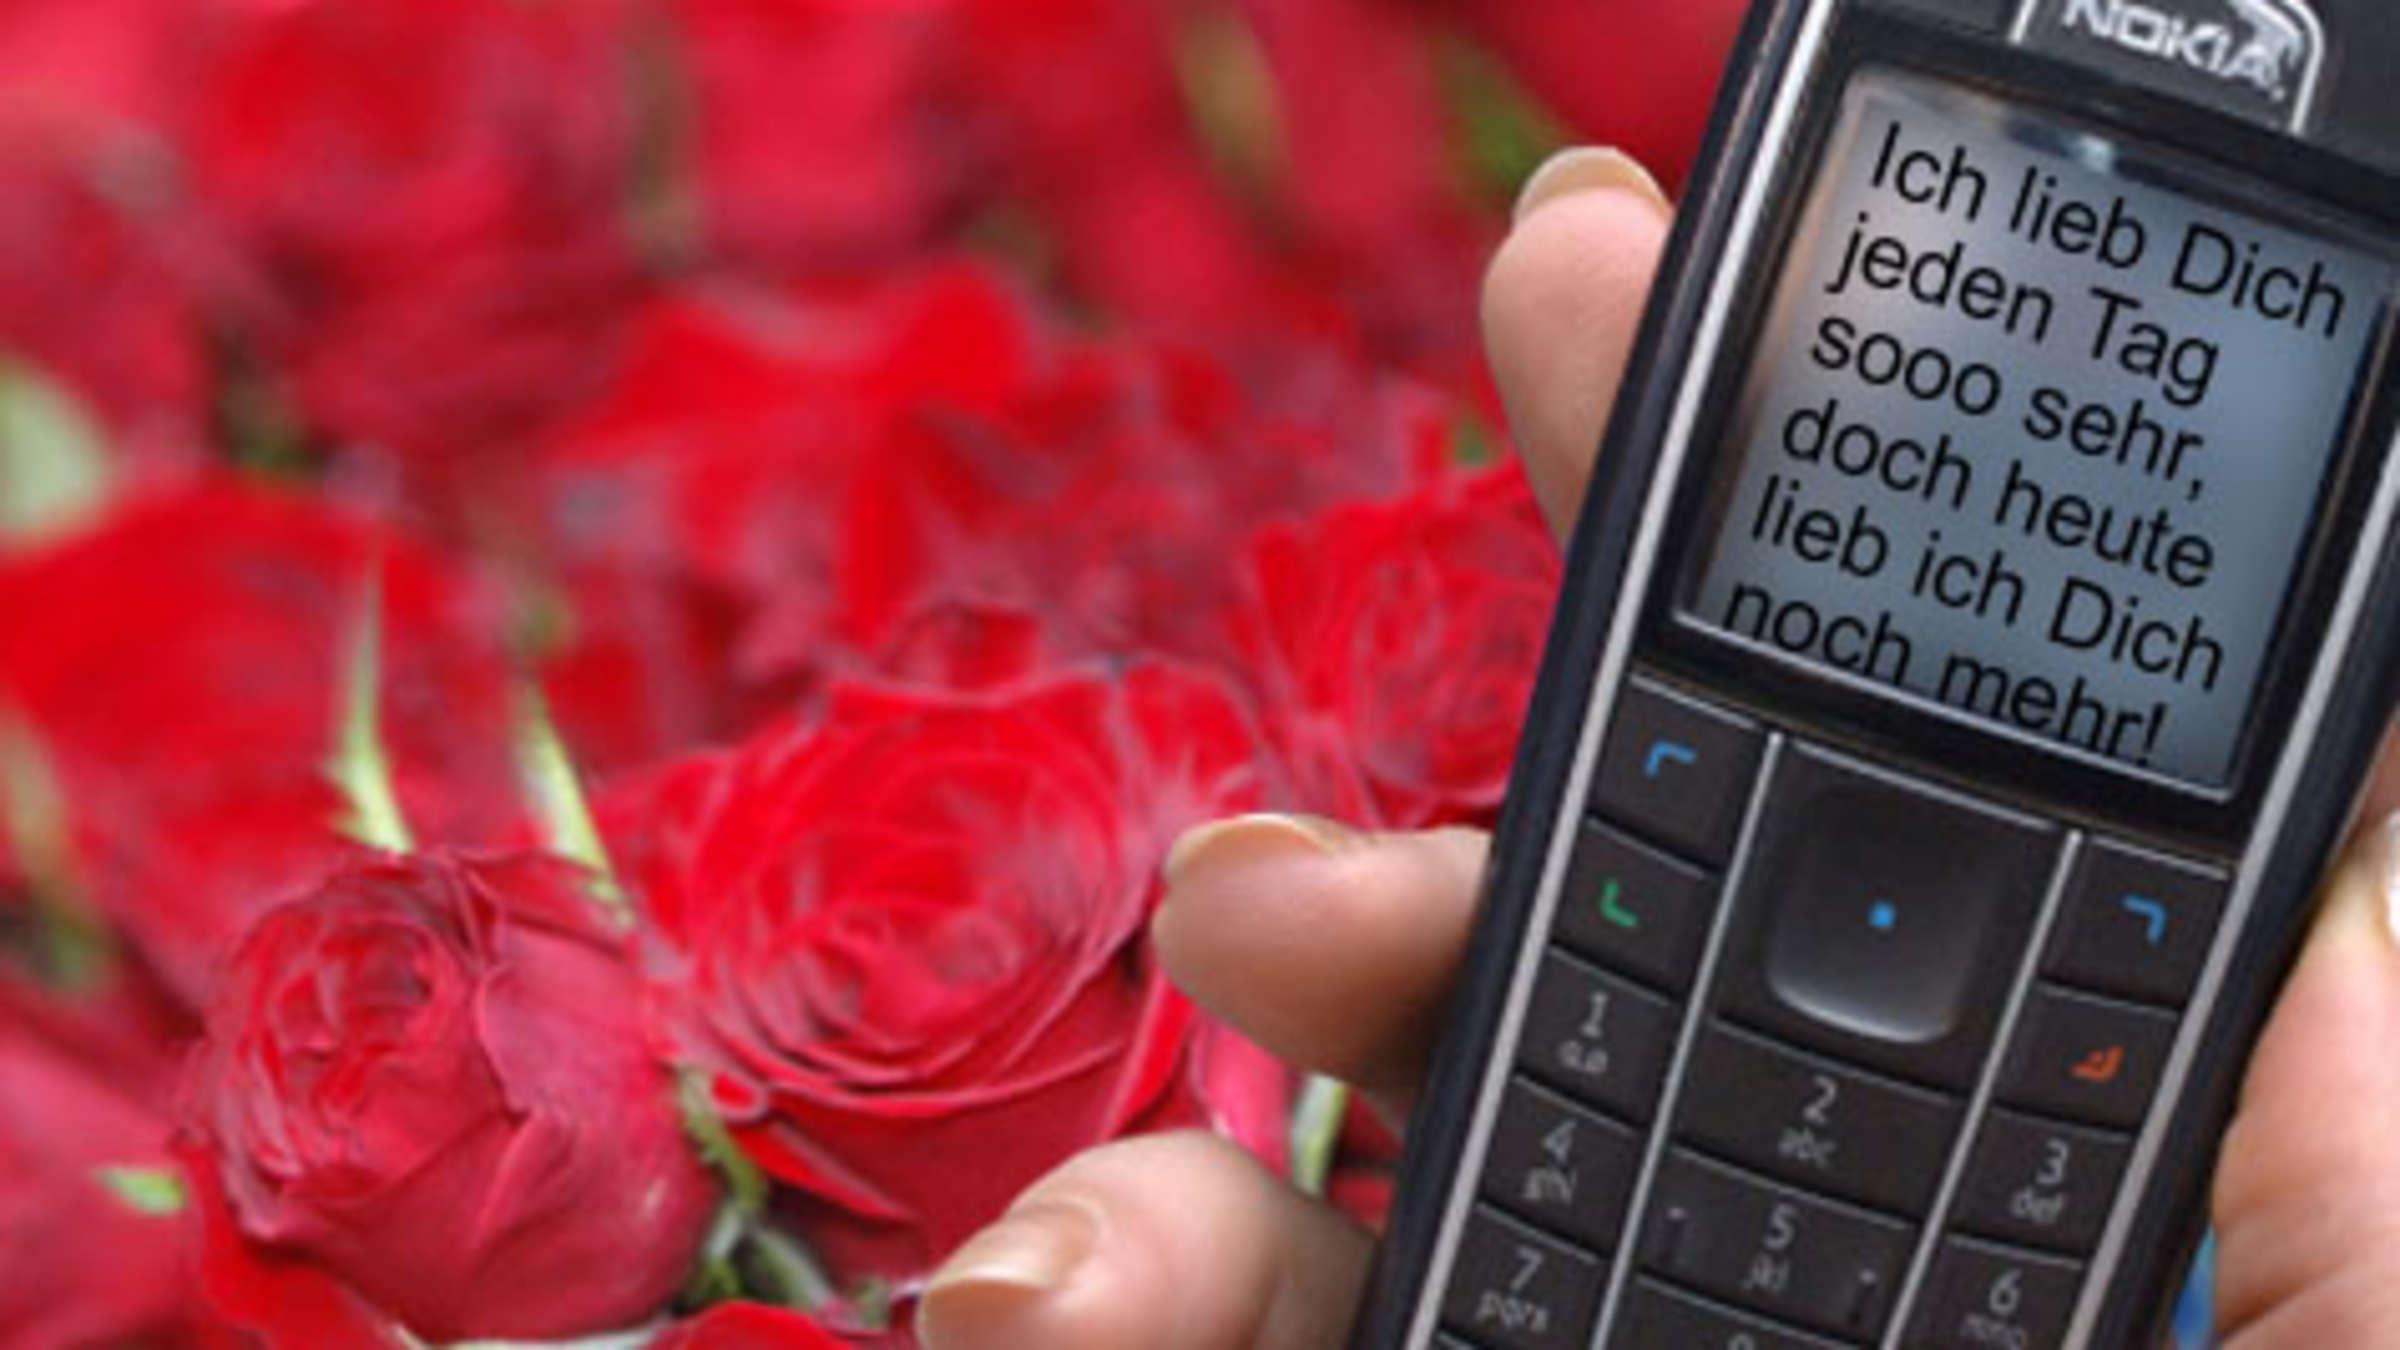 Liebesgedichte Flirtsprüche Sms Multimedia